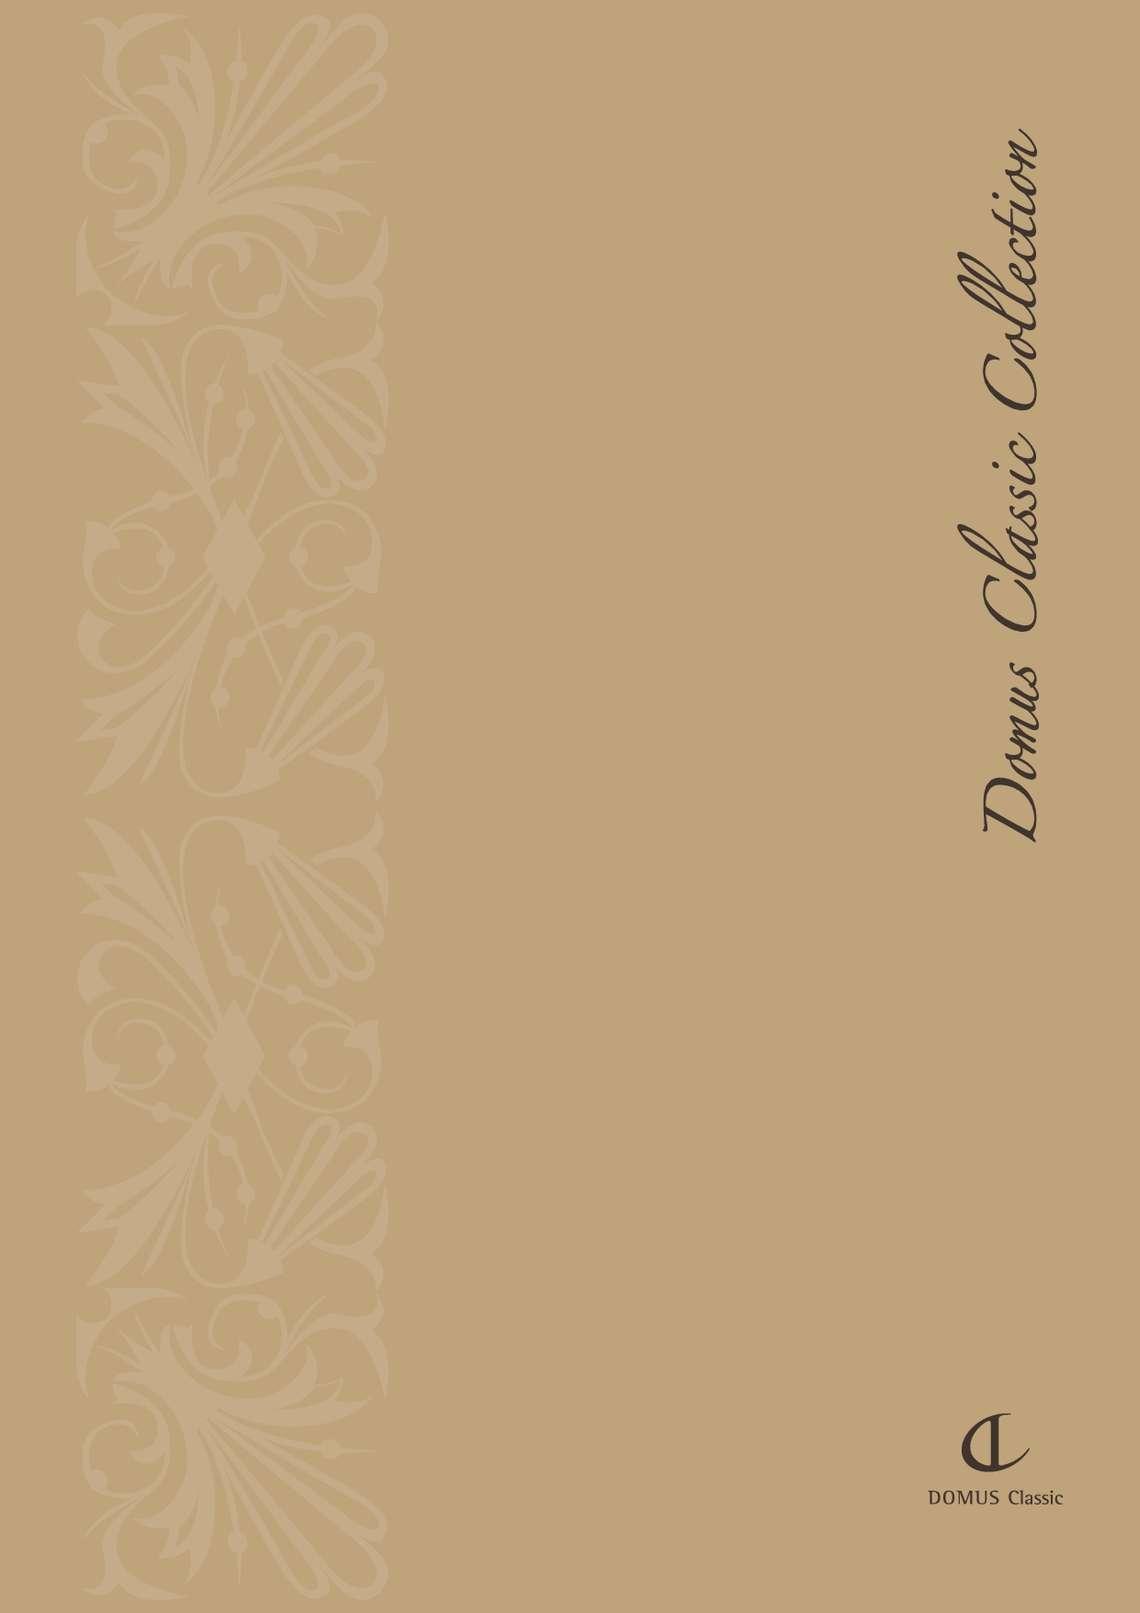 Catalogo Domus Classic Collection di Domus Line